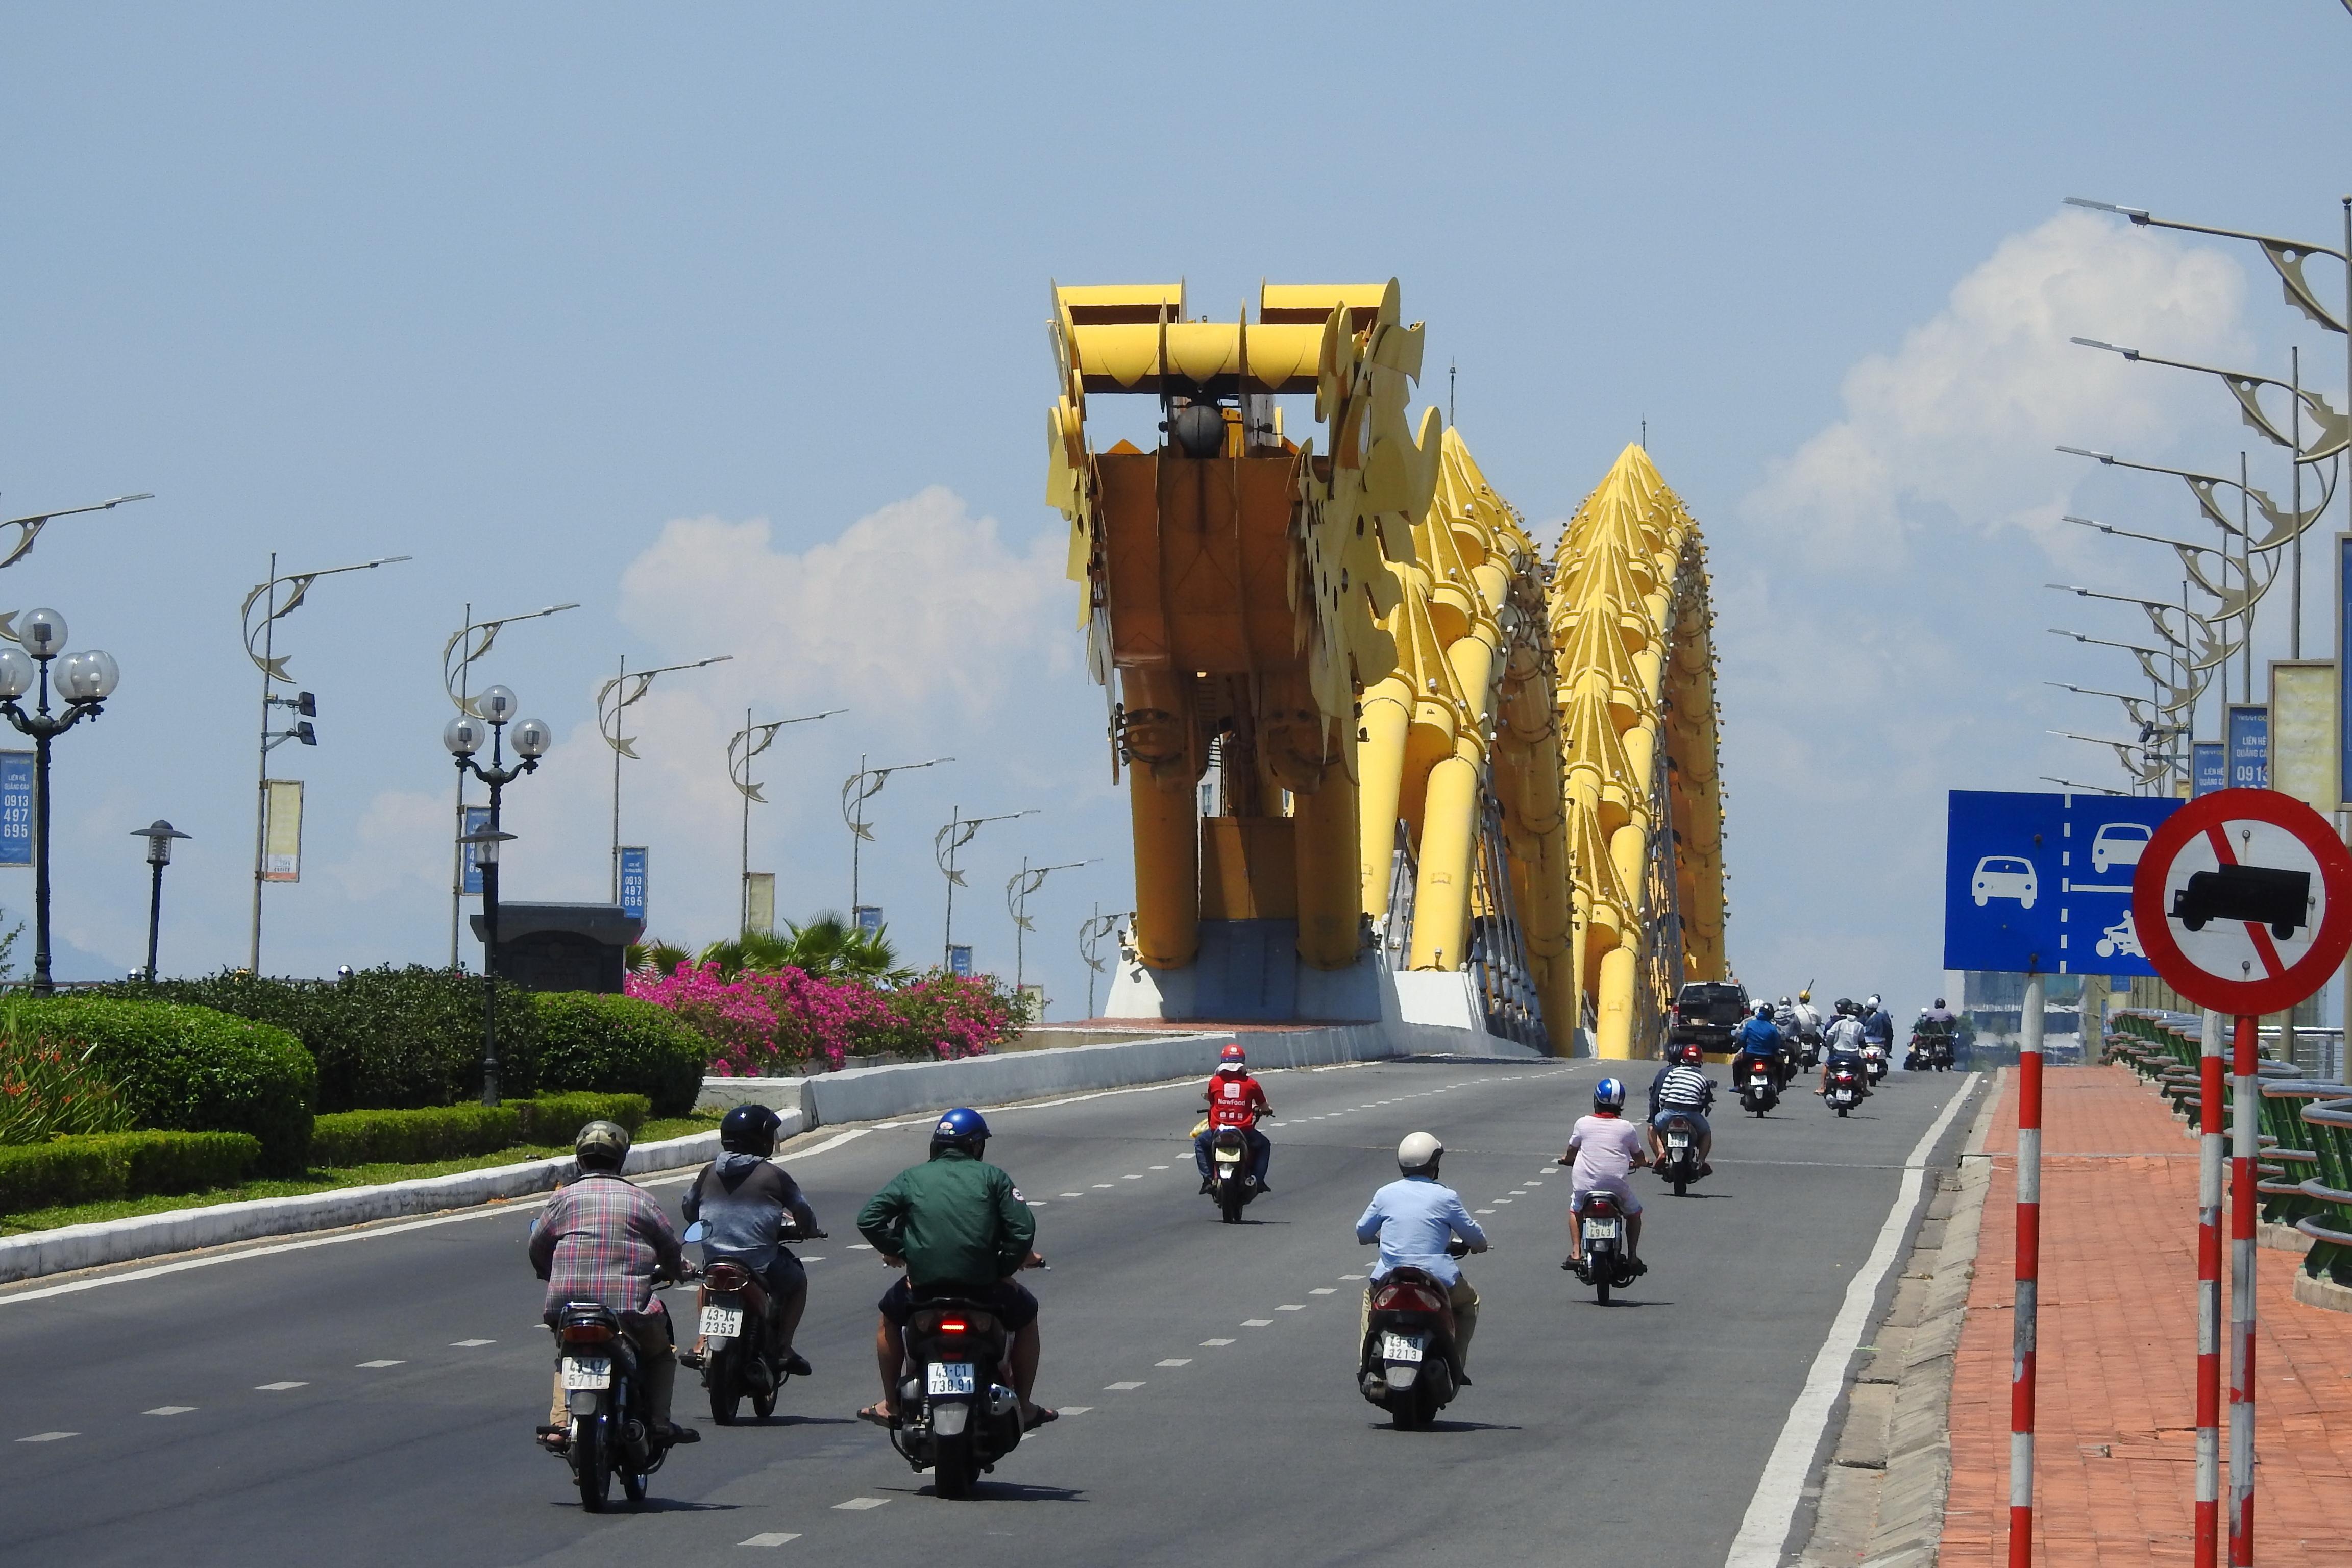 Hoạt động đời sống, xã hội của TP Đà Nẵng đang dần trở lại bình thường. Ảnh Thanh Tùng.